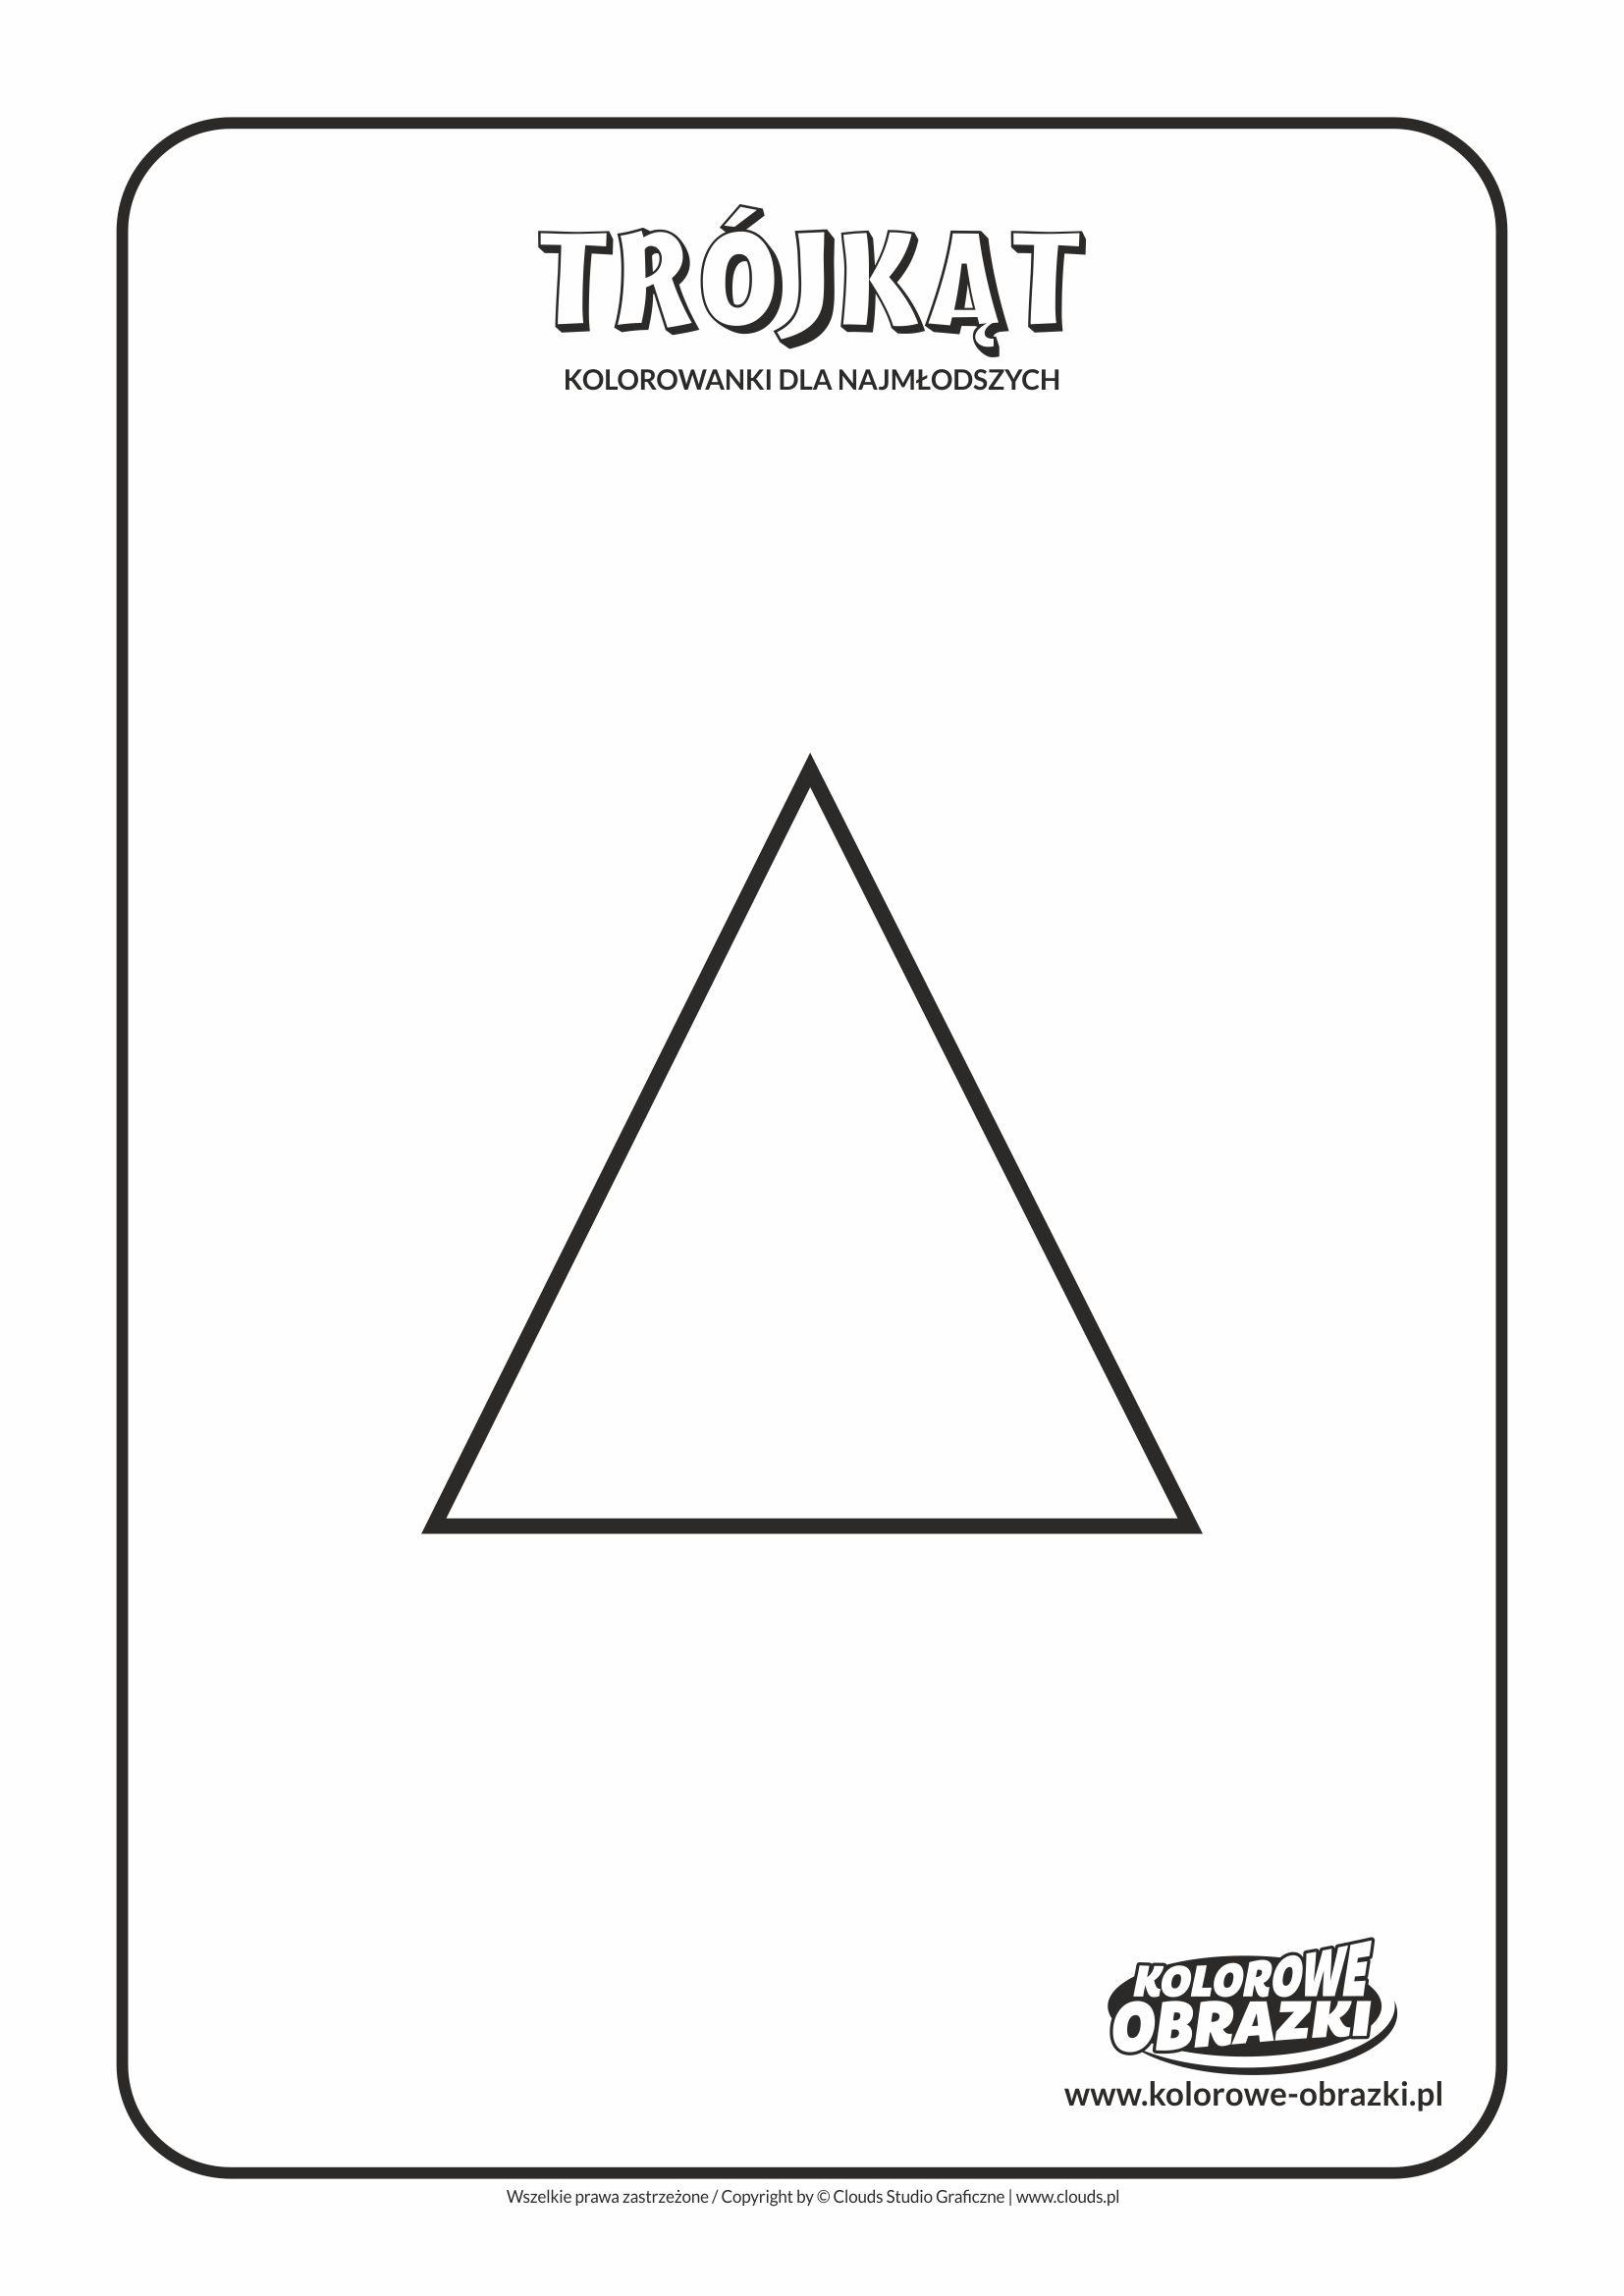 Proste kolorowanki dla najmłodszych - Kształty / Trójkąt. Kolorowanka z trójkątem